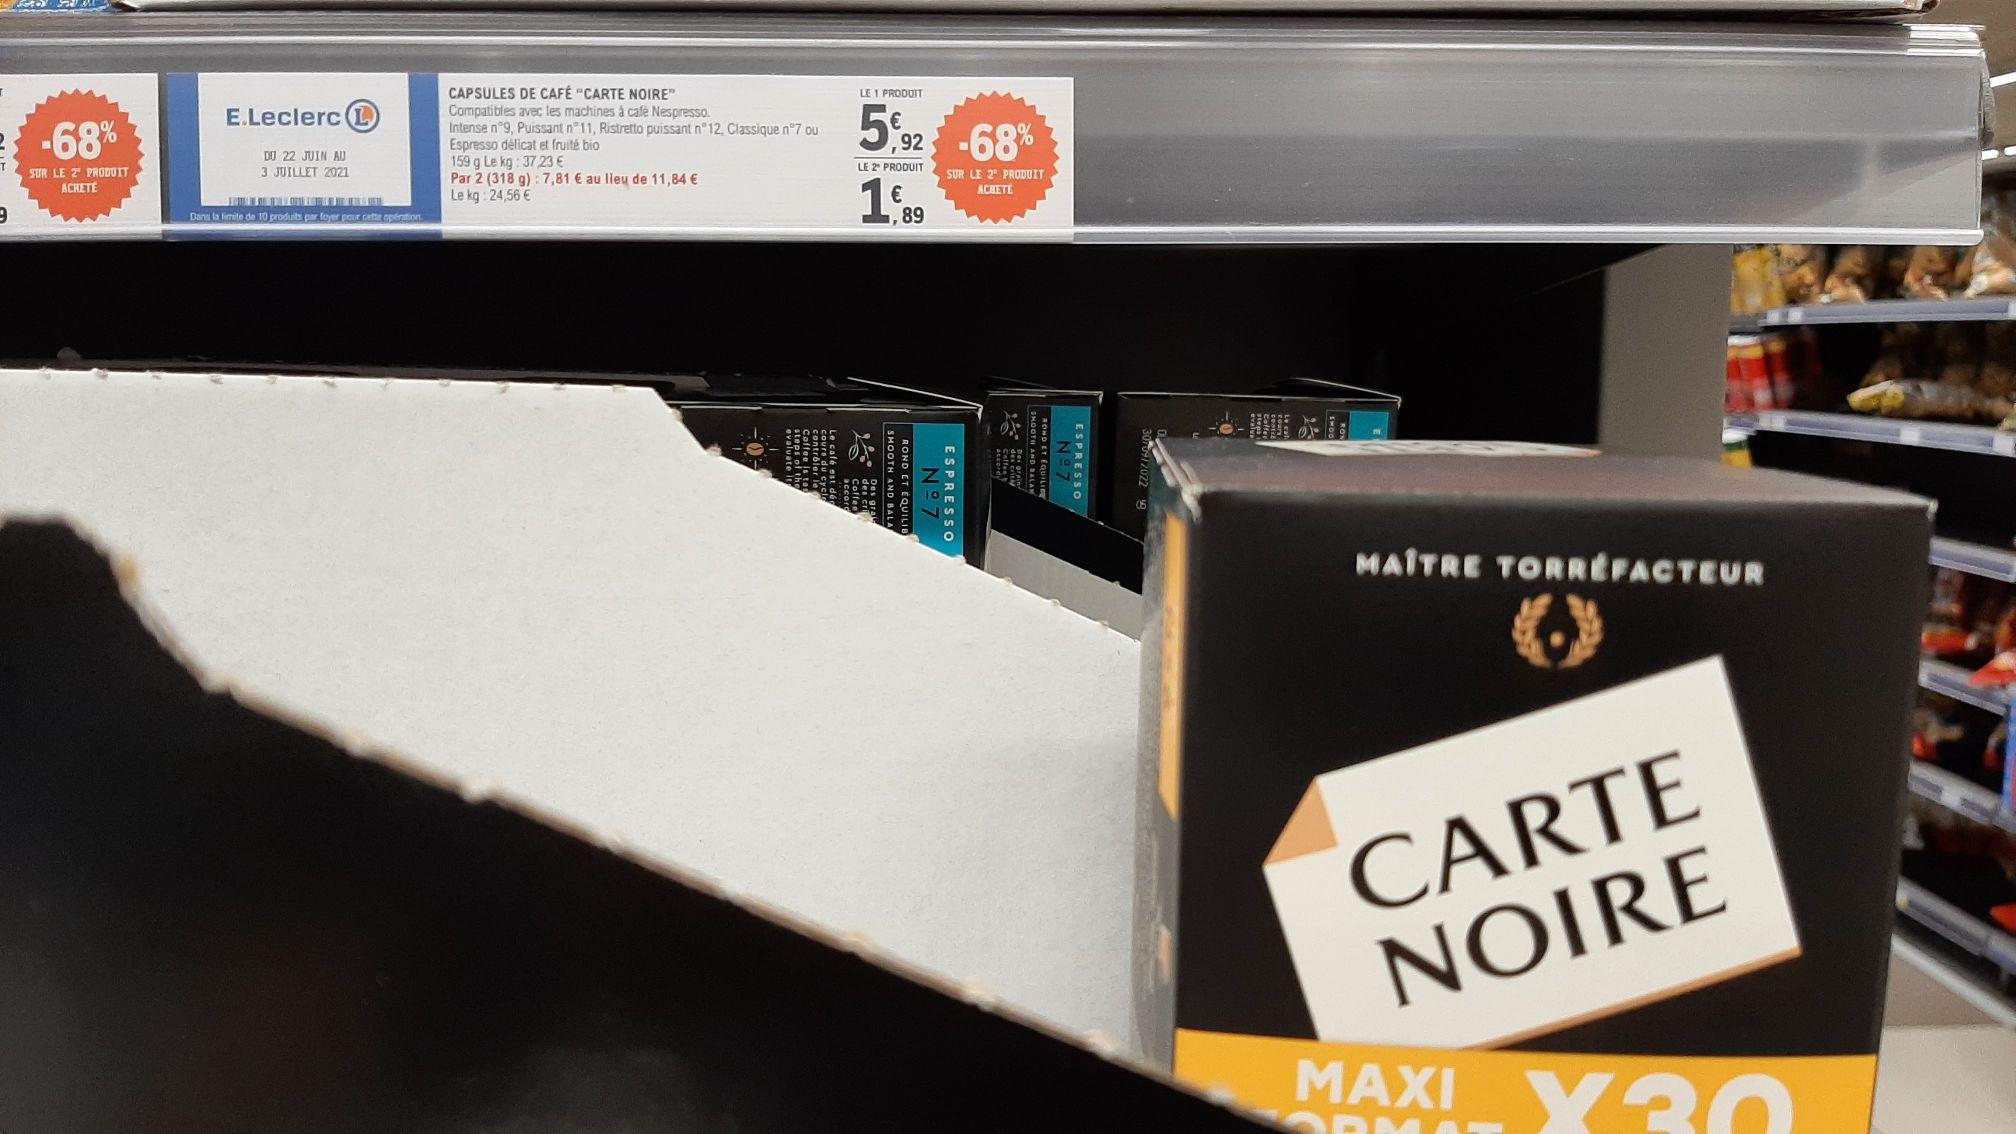 Lot de 2 Boites de 30 capsules Carte Noire compatibles Nespresso - Bois d'Arcy (78)